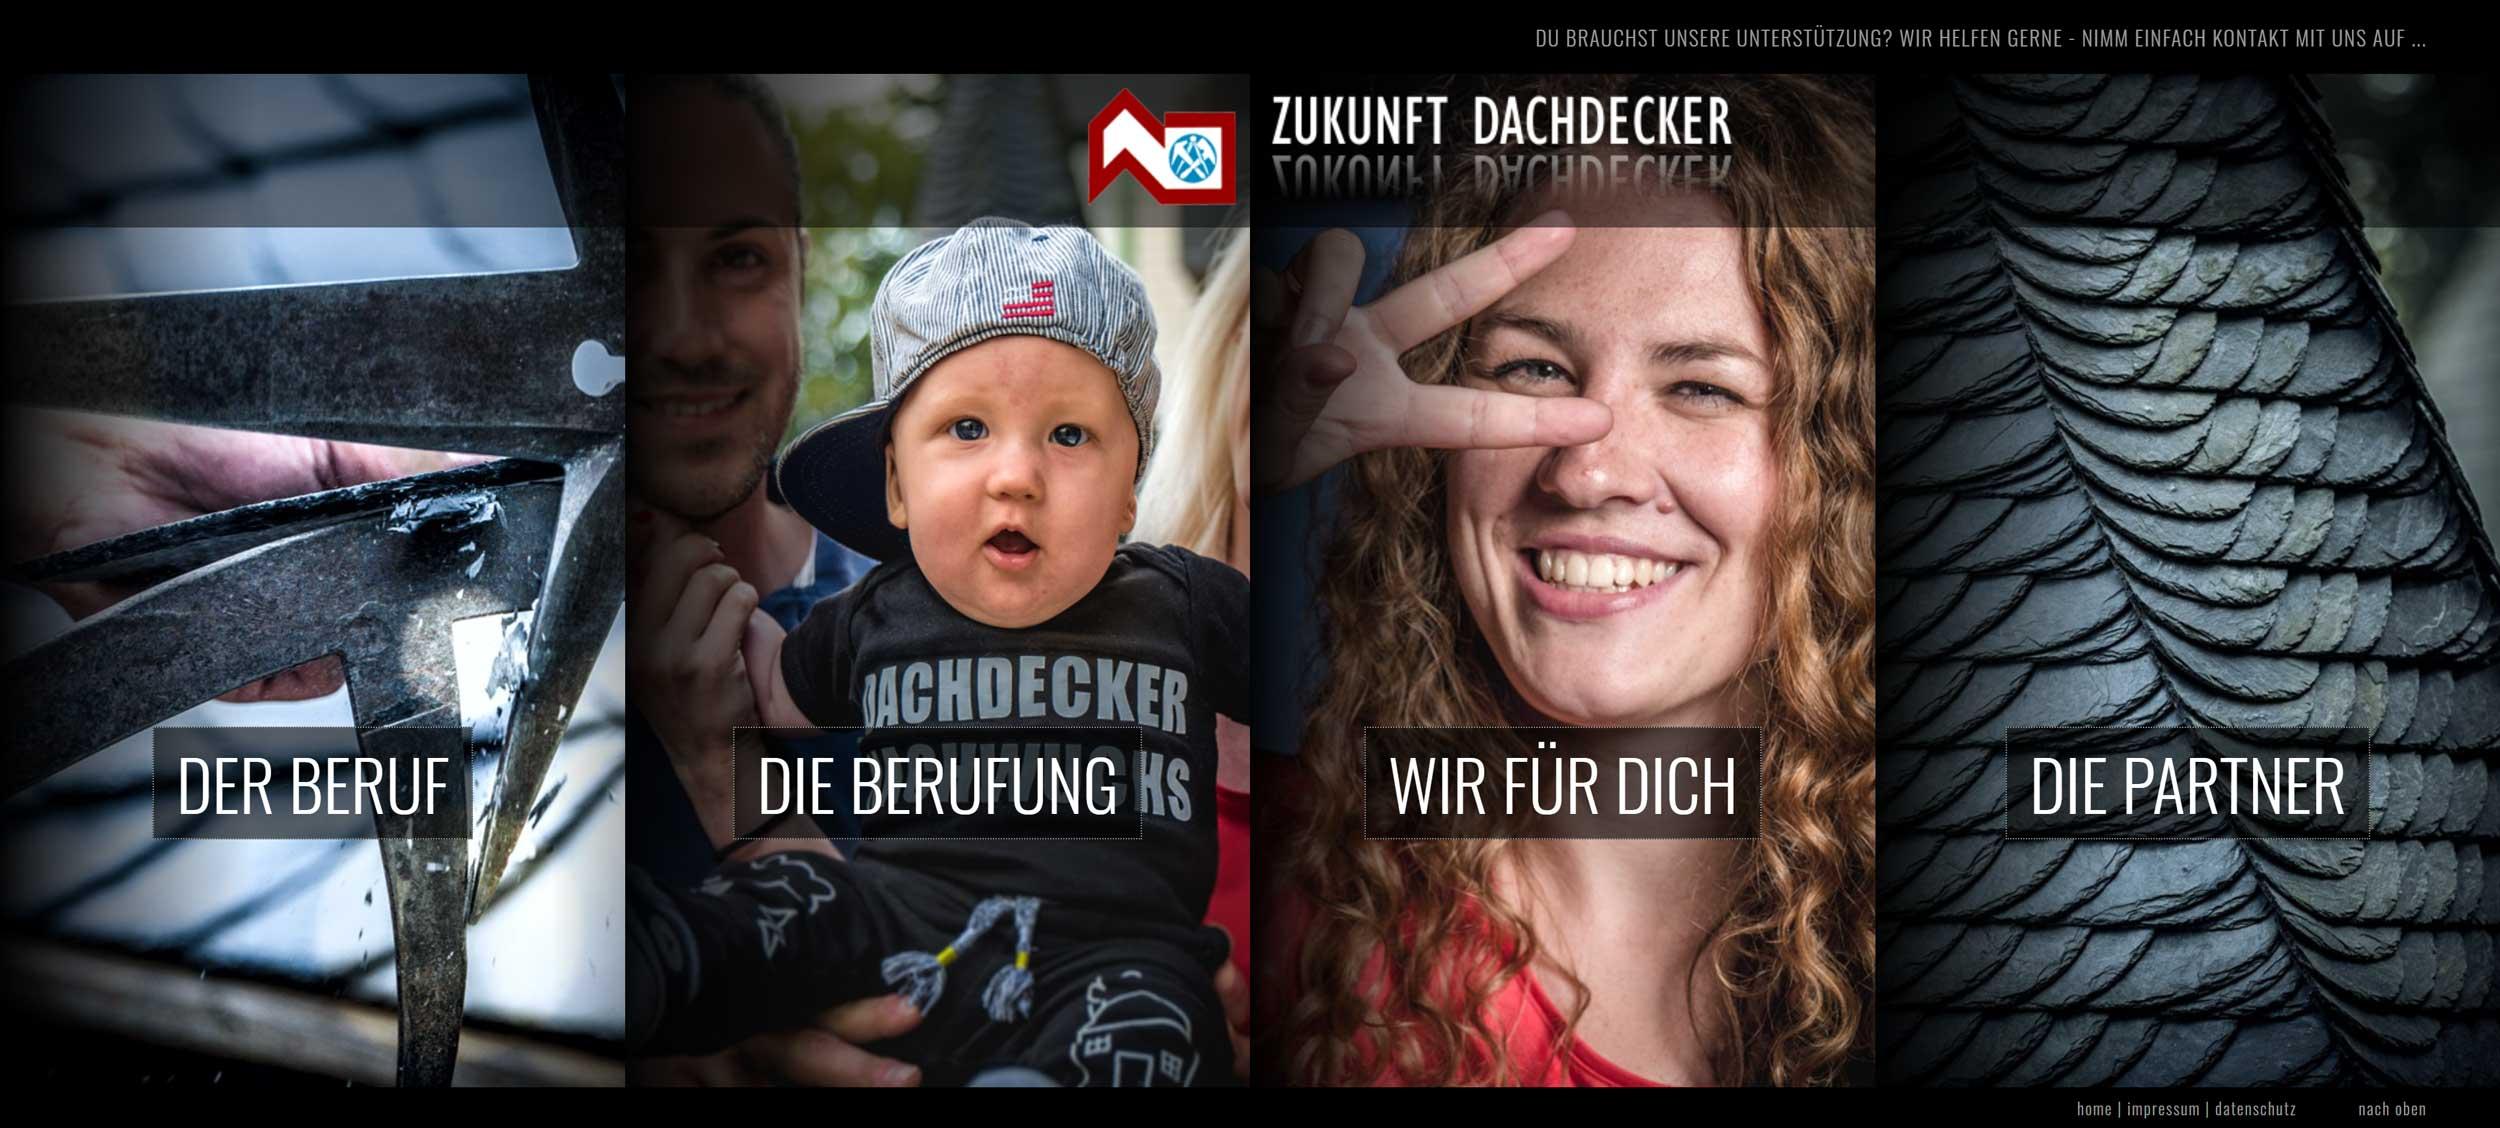 https://leydecker-landau.de/wp-content/uploads/2021/01/zukunft-dachdecker.jpg